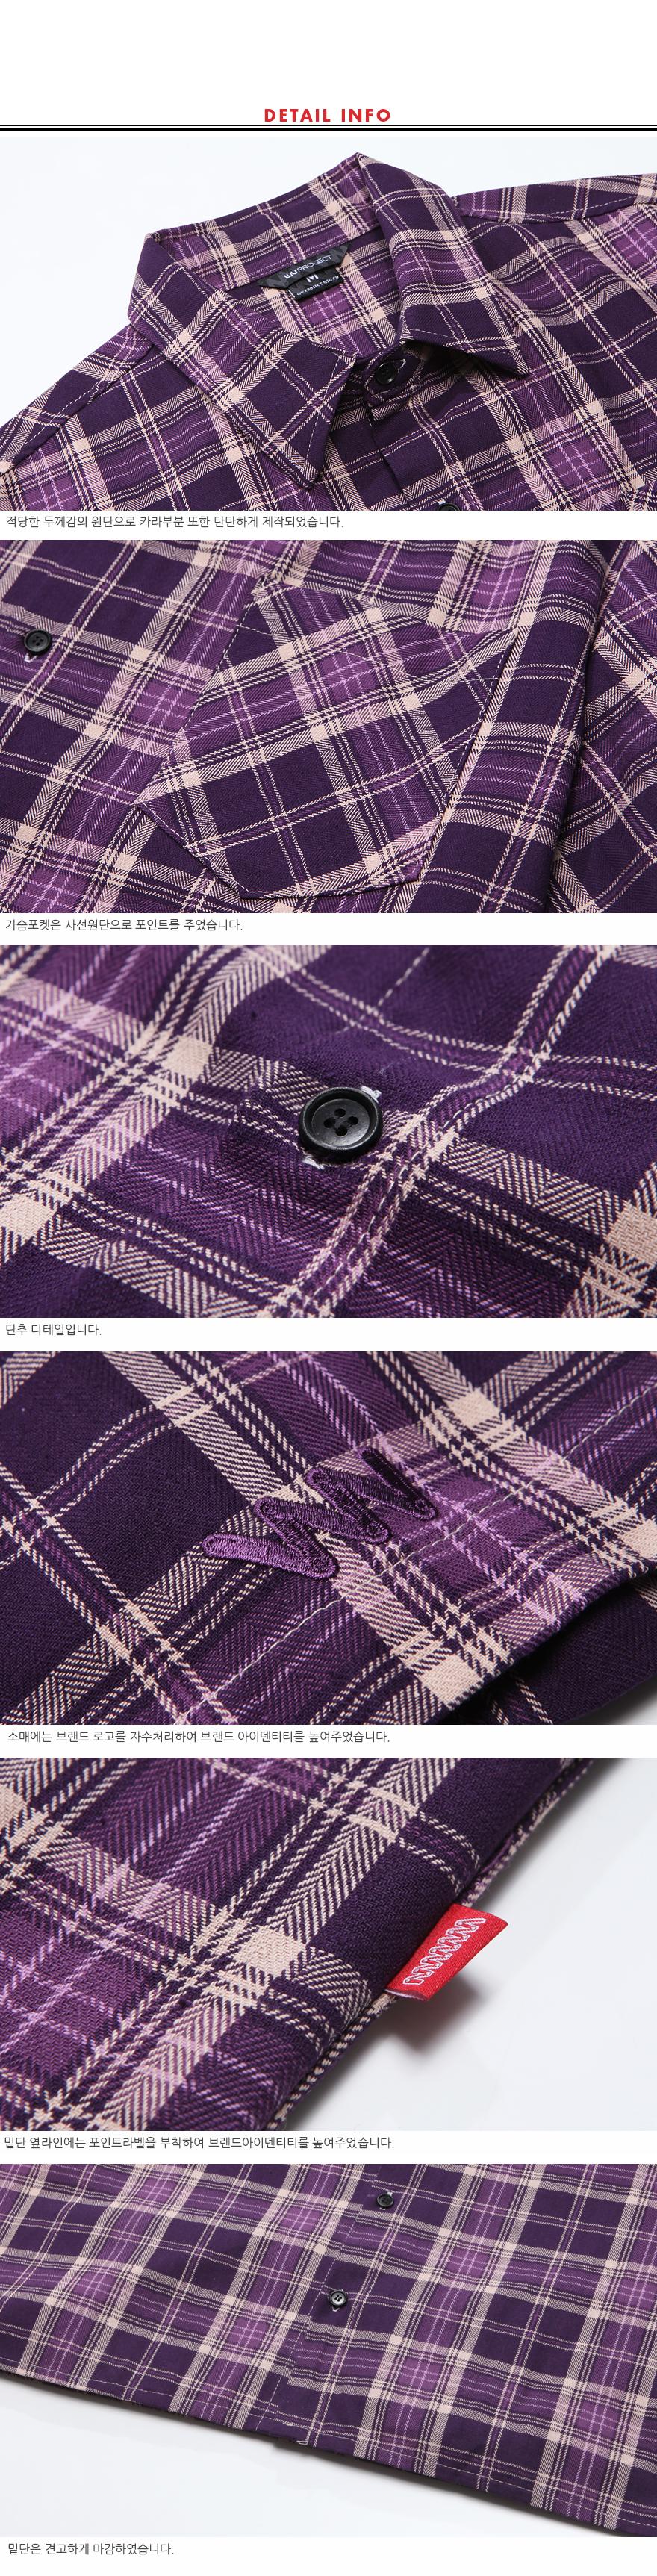 KHSS7270_detail_violet.jpg